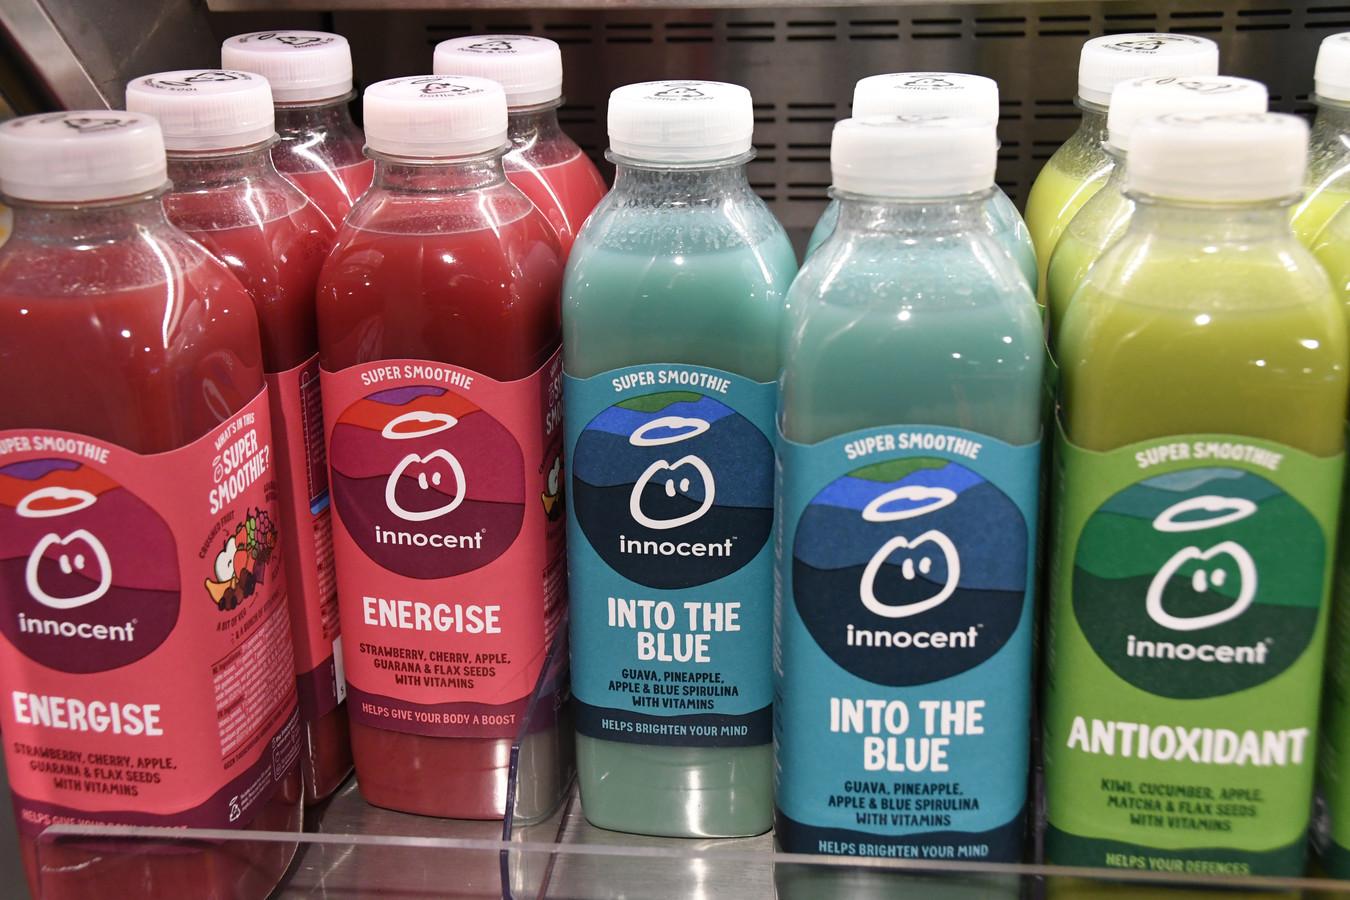 Smoothymerk innocent drinks heeftt de Groene Vrienden-campagne opgestart. Die loopt tot eind augustus